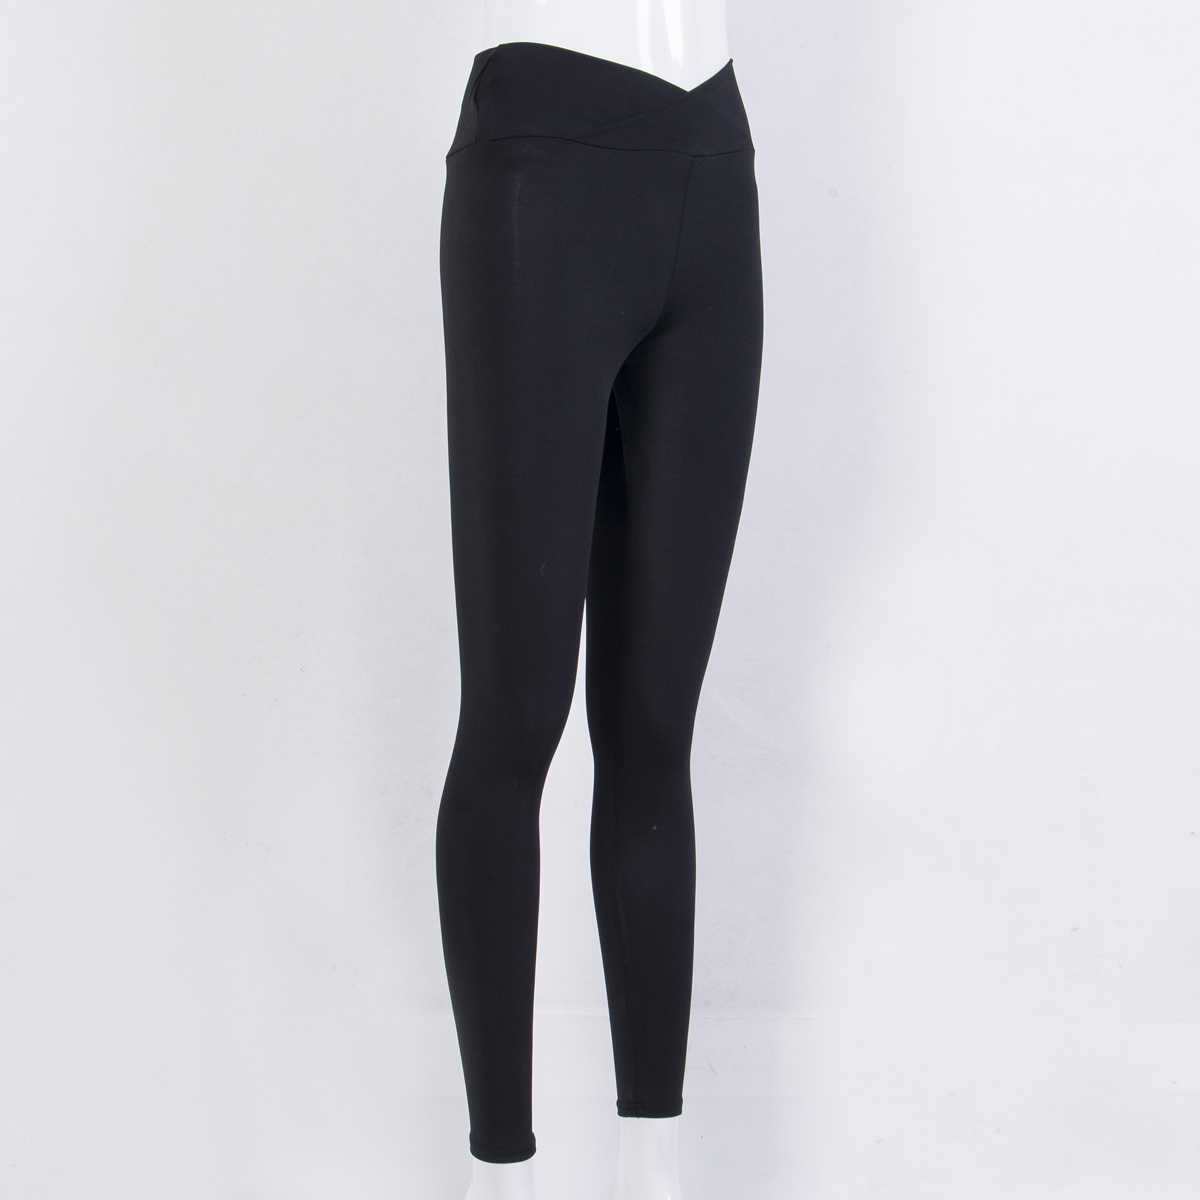 Yeni Moda Bayan Yüksek Bel Elastik Tayt Spor Egzersiz Uzun dar pantolon Pantolon Rahat Bayan Uzun Tayt